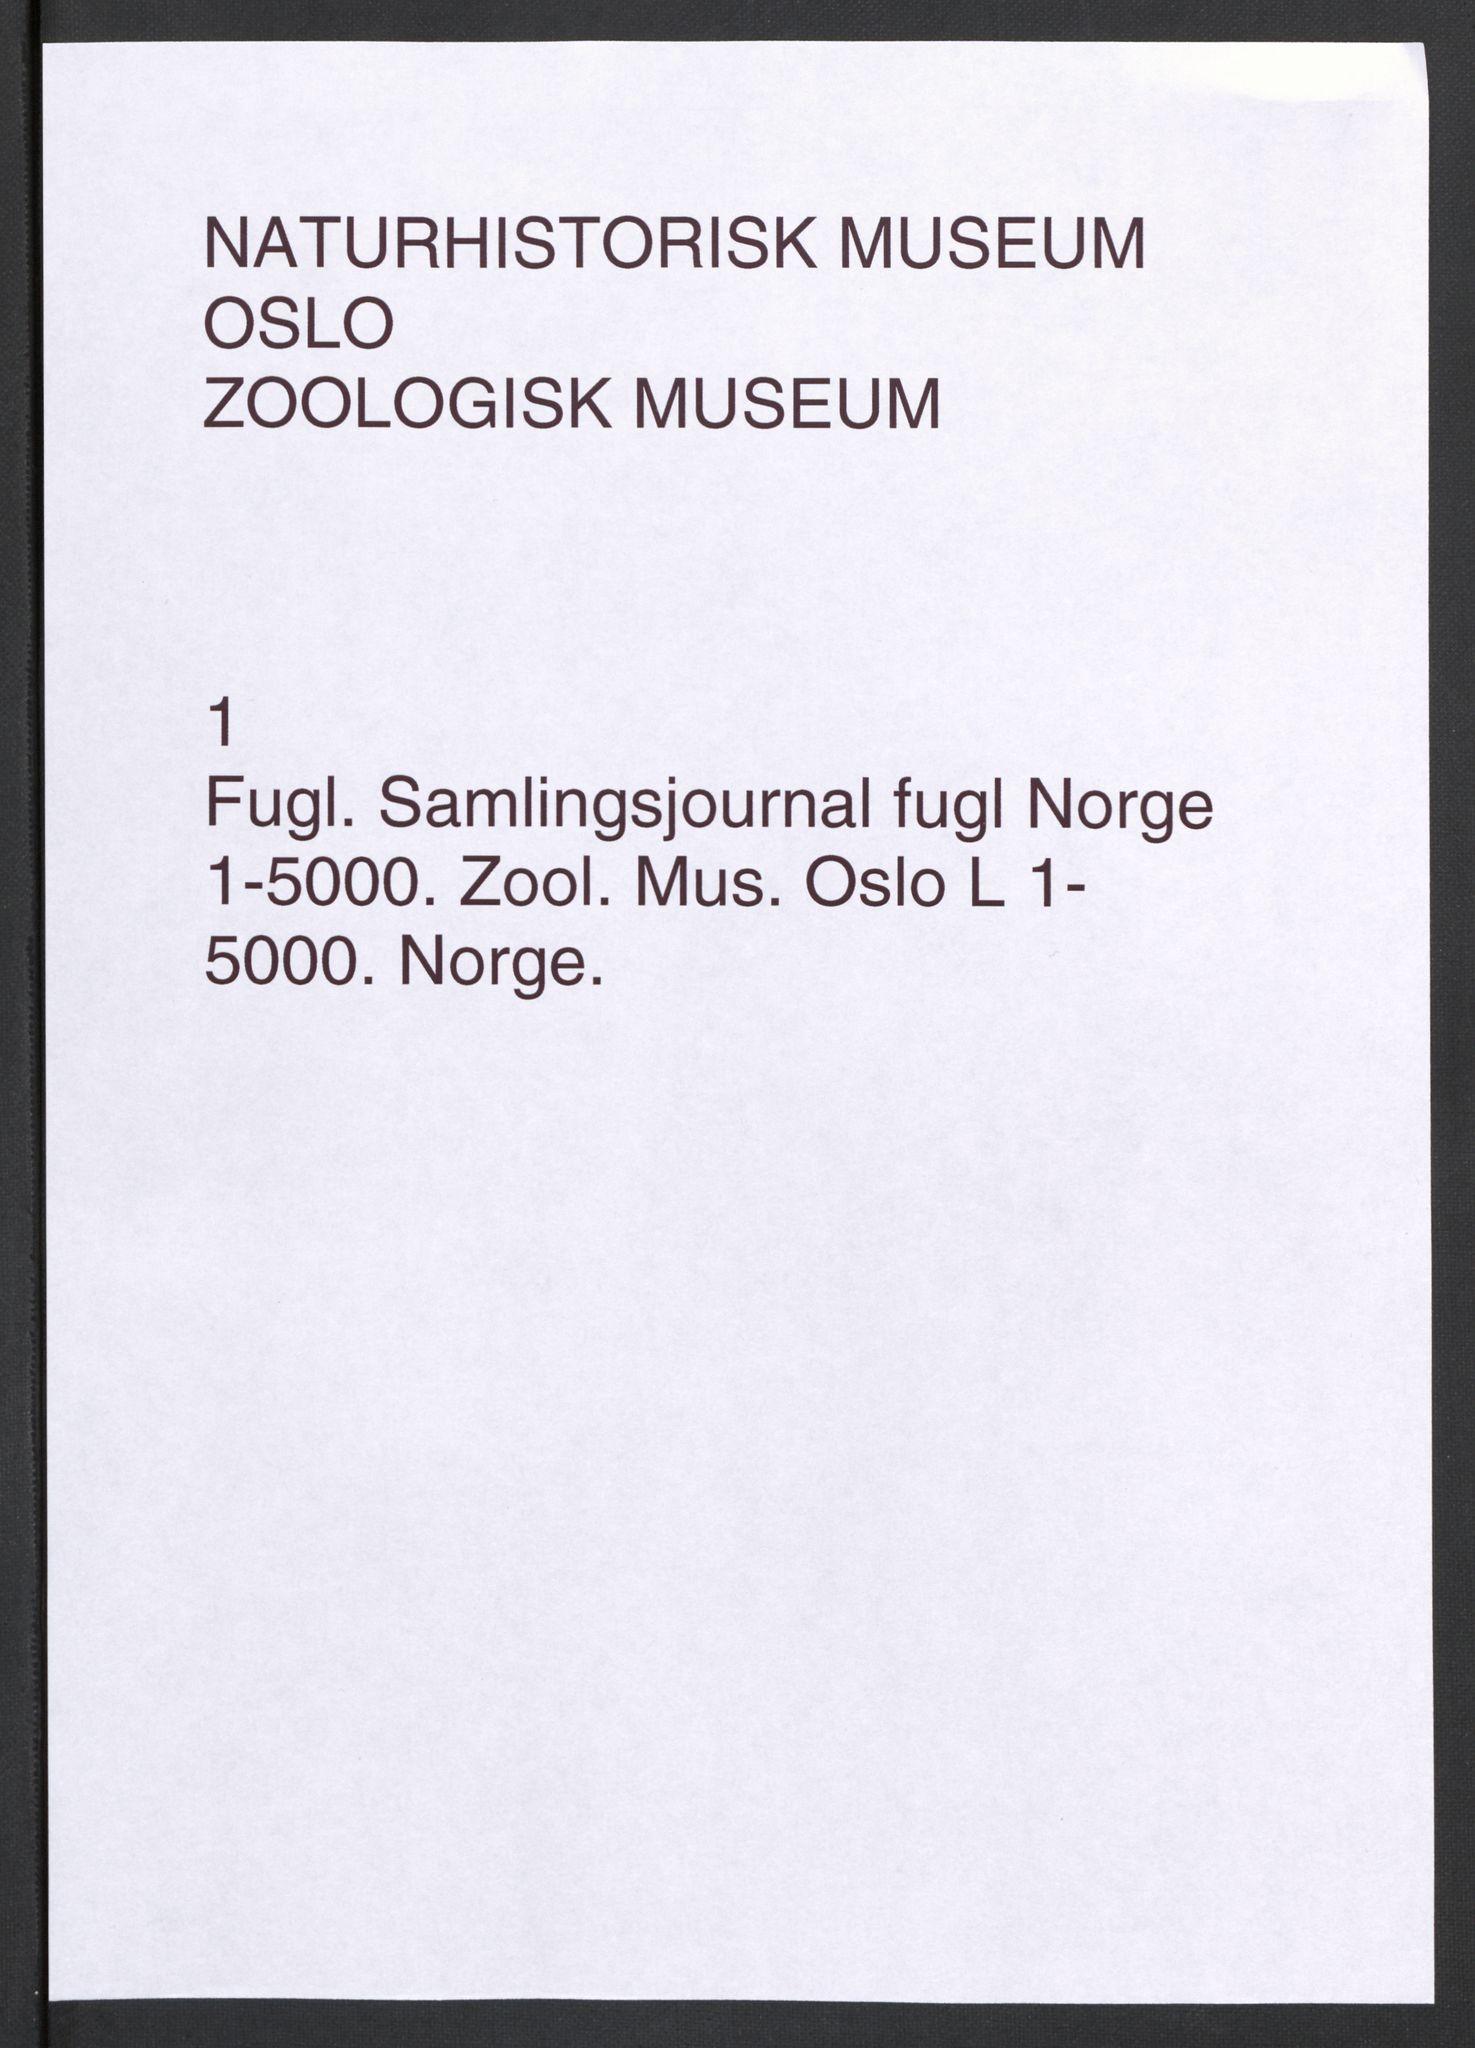 NHMO, Naturhistorisk museum (Oslo), 2: Fugl. Samlingsjournal. Fuglesamlingen, Skinnsamling Norge (L), nr. 1-5000.